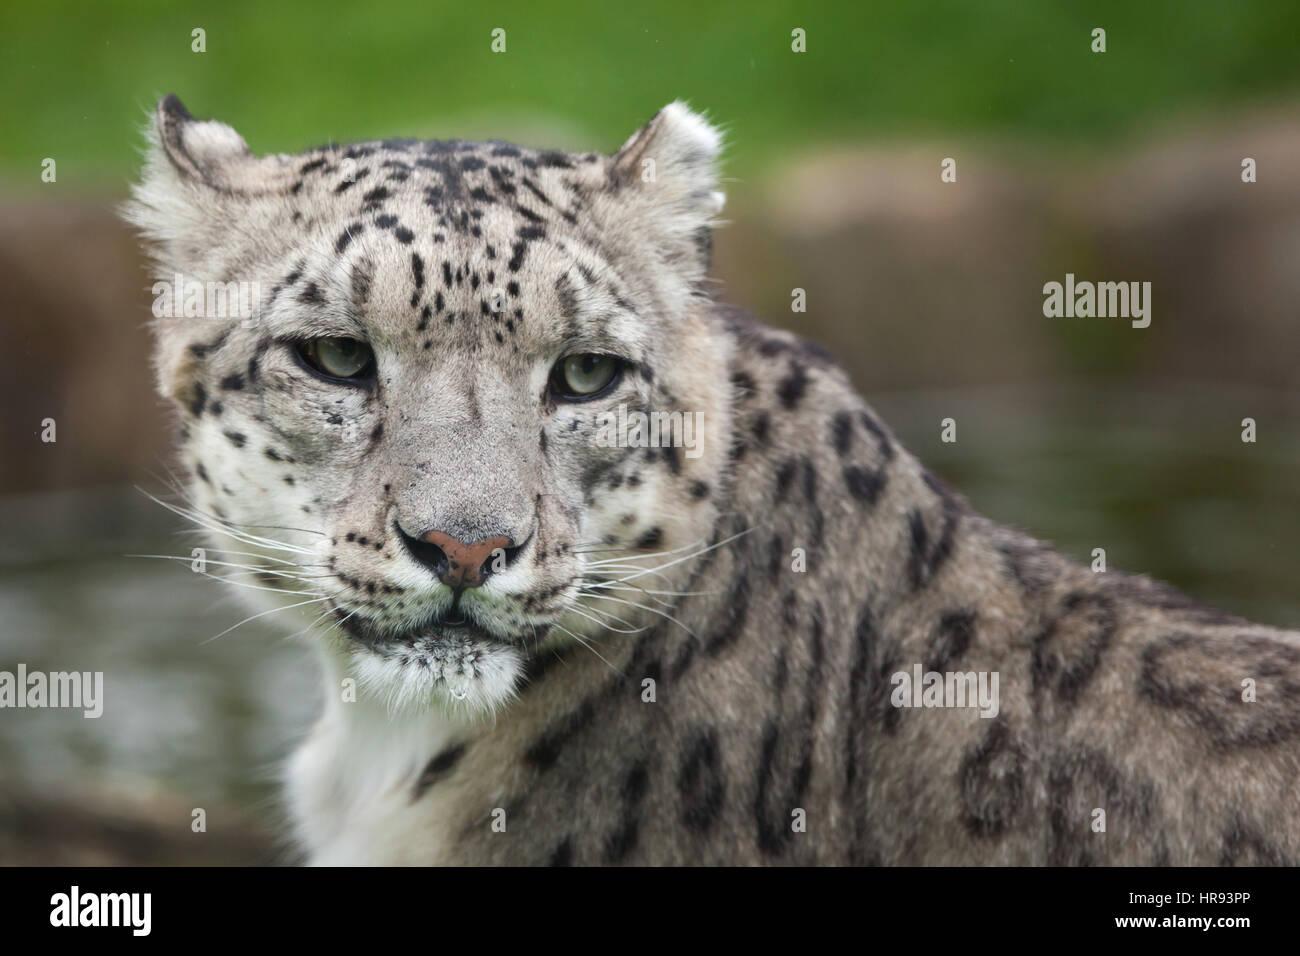 Snow Leopard (Panthera uncia). Des animaux de la faune. Banque D'Images